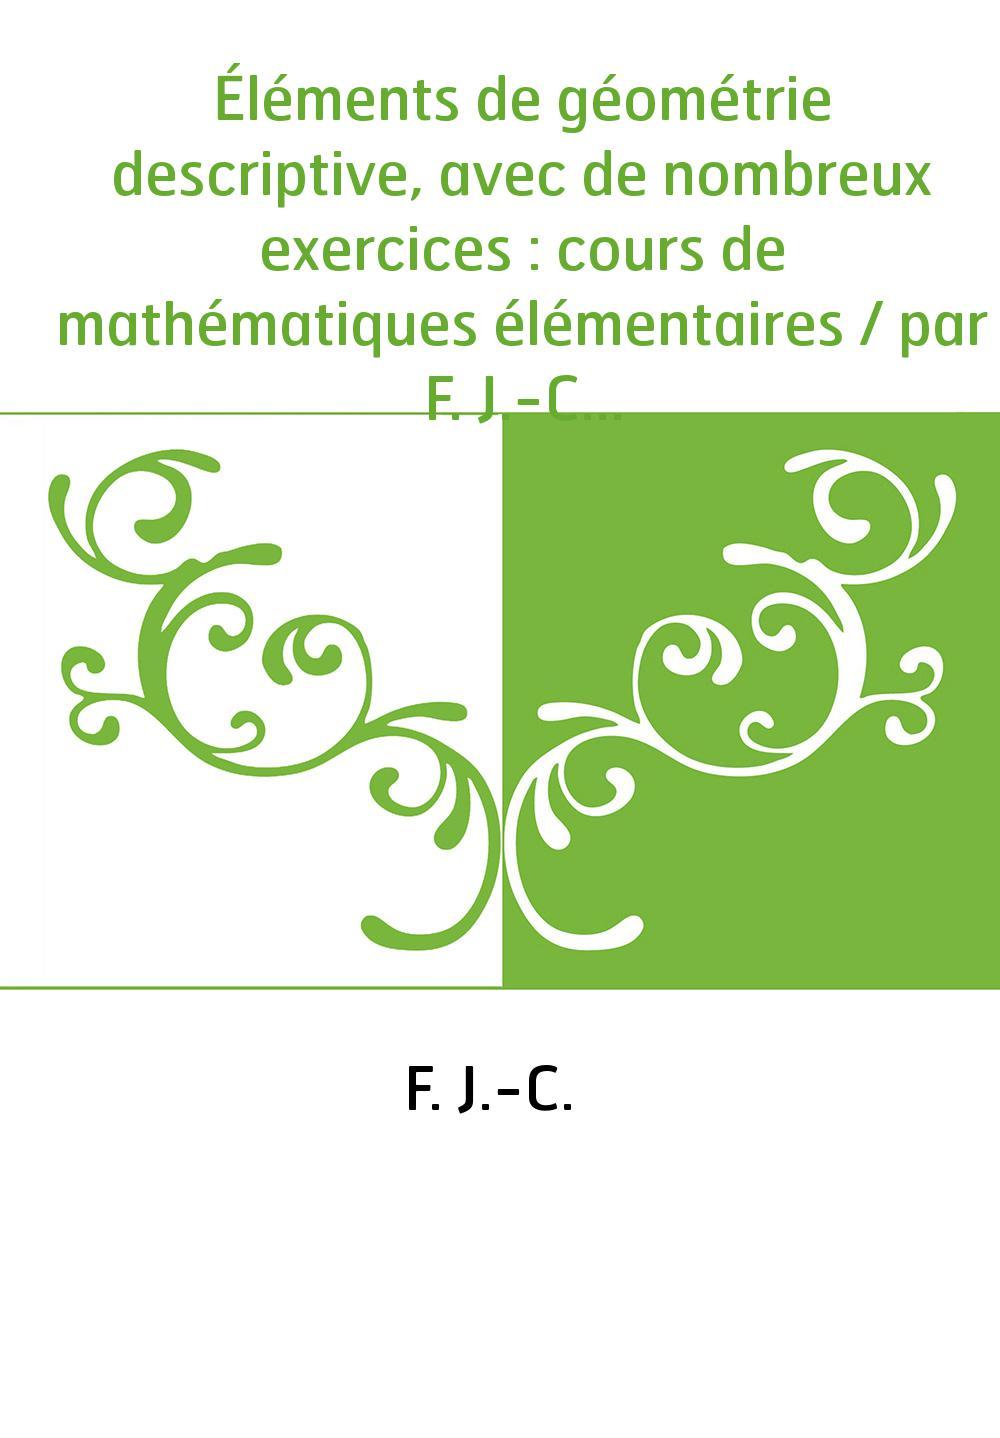 Éléments de géométrie descriptive, avec de nombreux exercices : cours de mathématiques élémentaires / par F. J.-C.